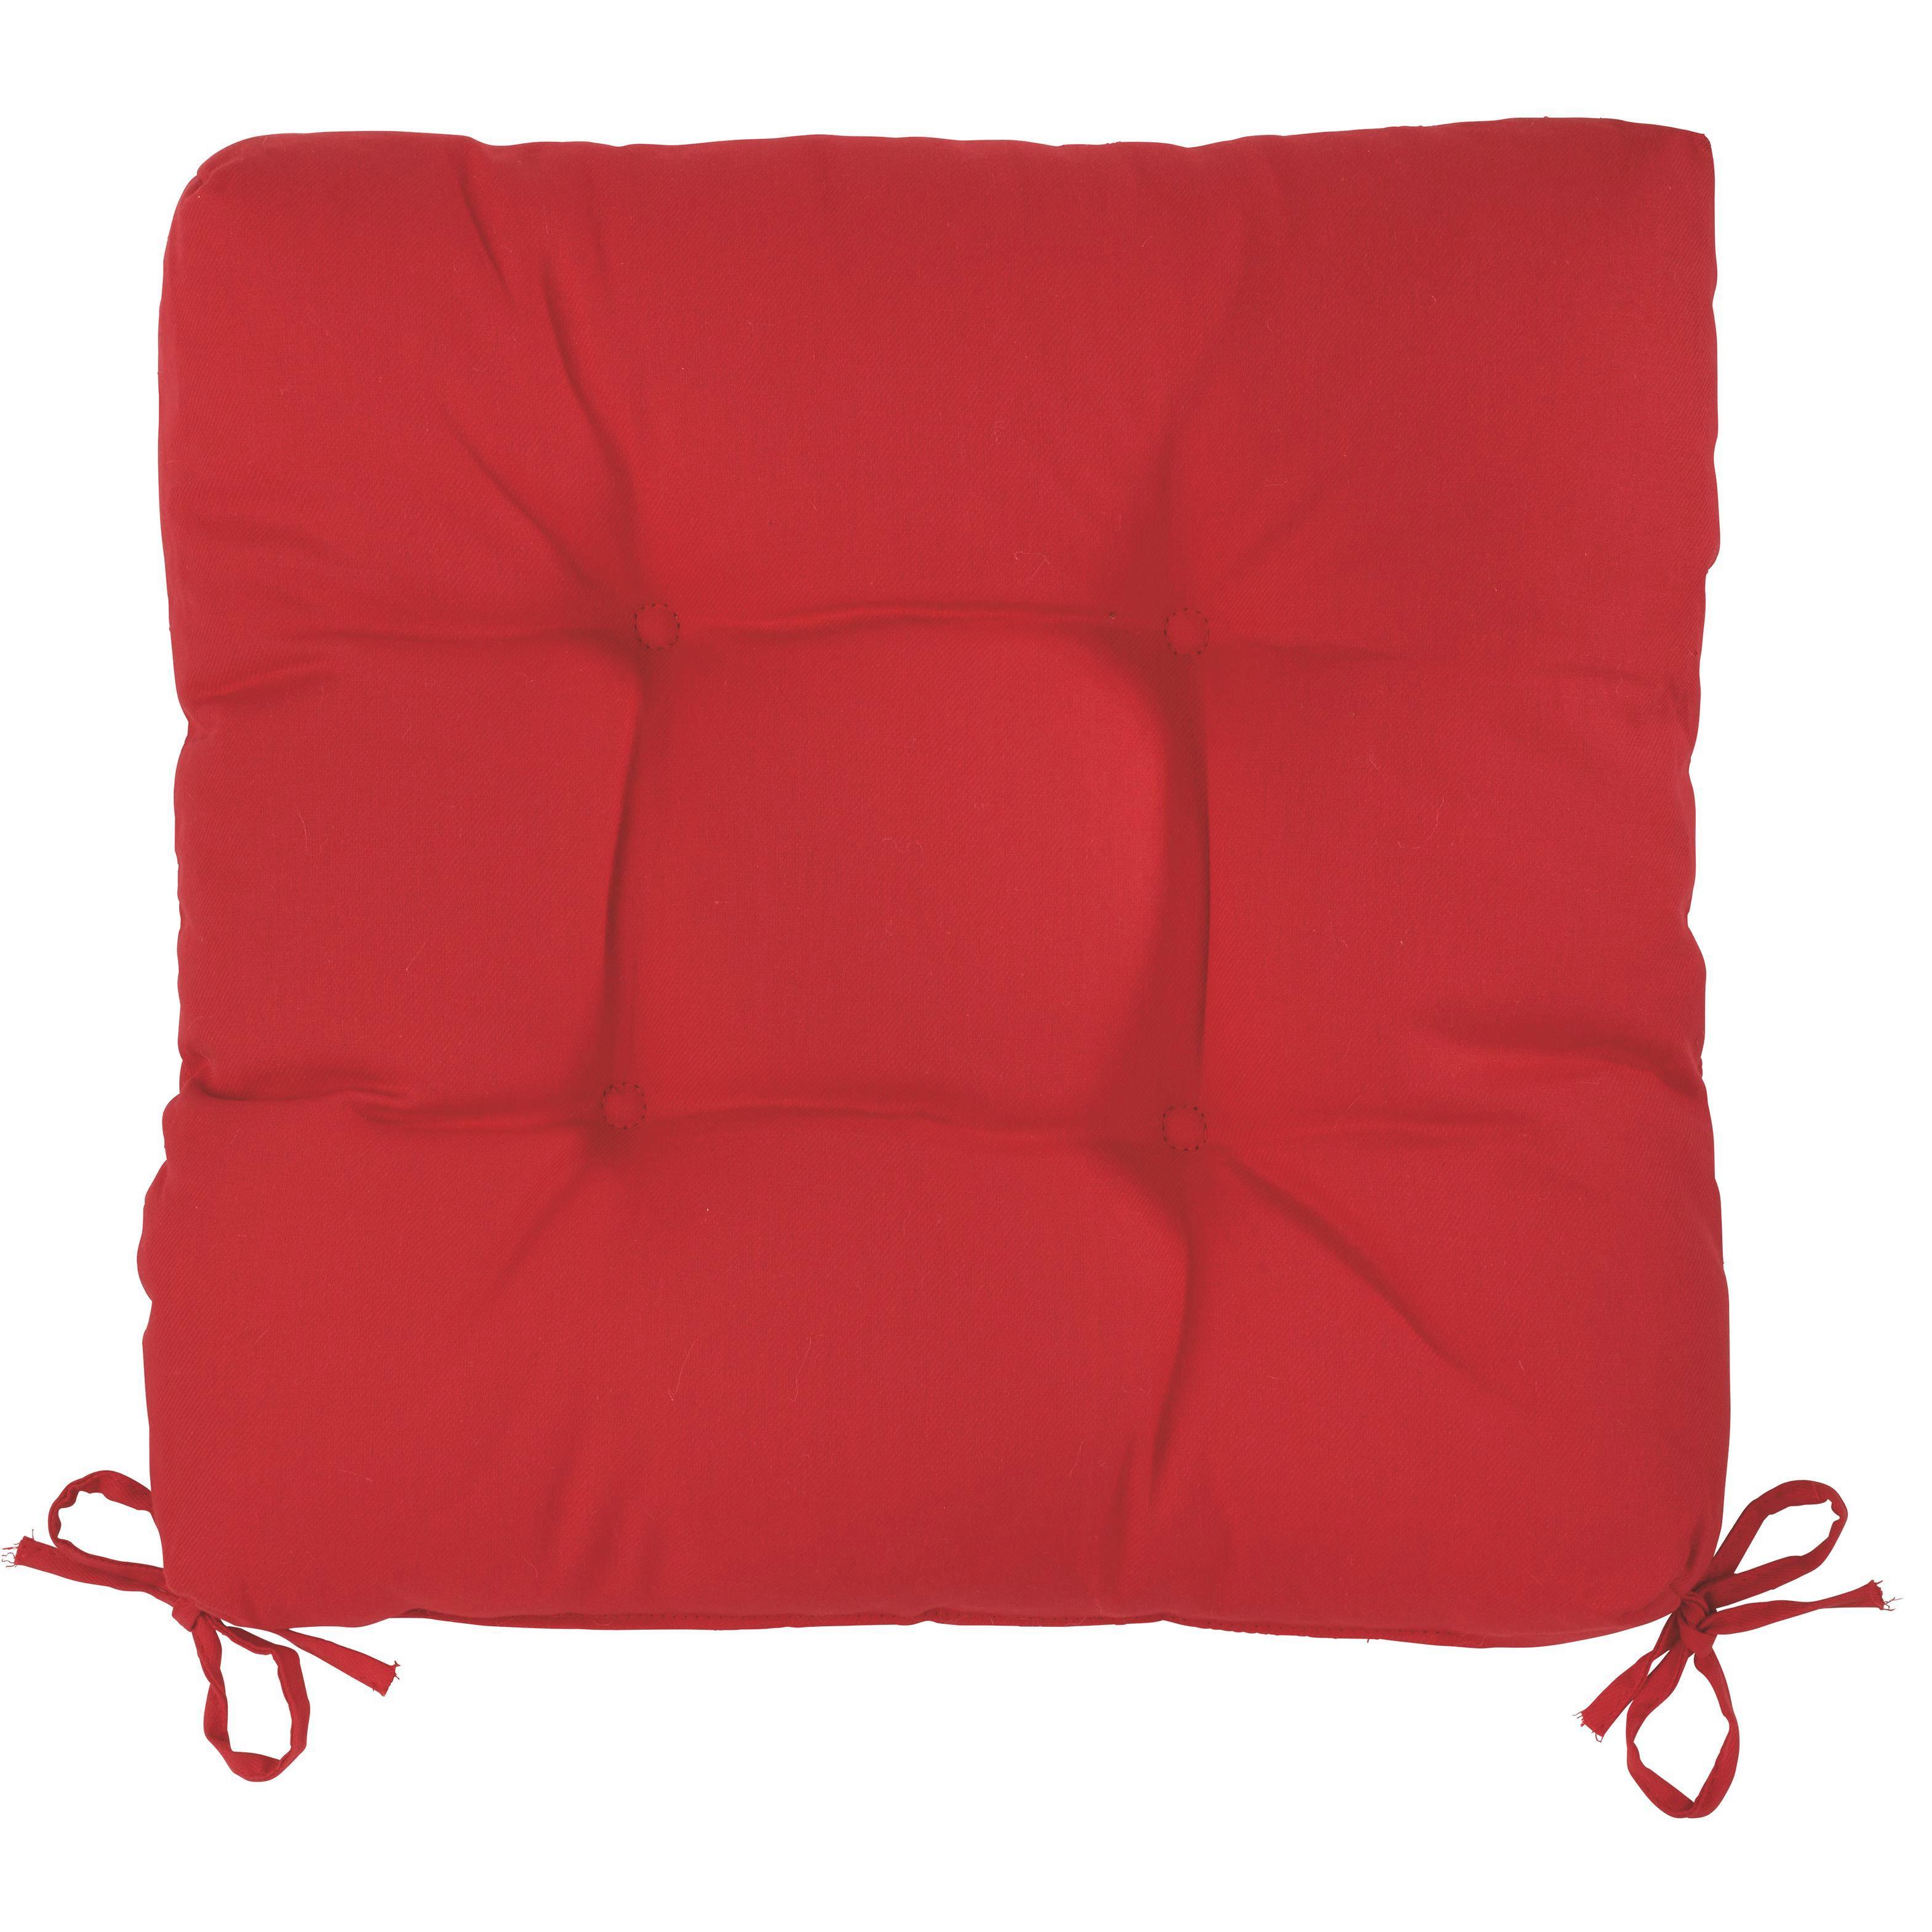 Sitzkissen Elli in Rot, ca. 40x7x40cm - Rot, Textil (40/40/7cm) - MÖMAX modern living